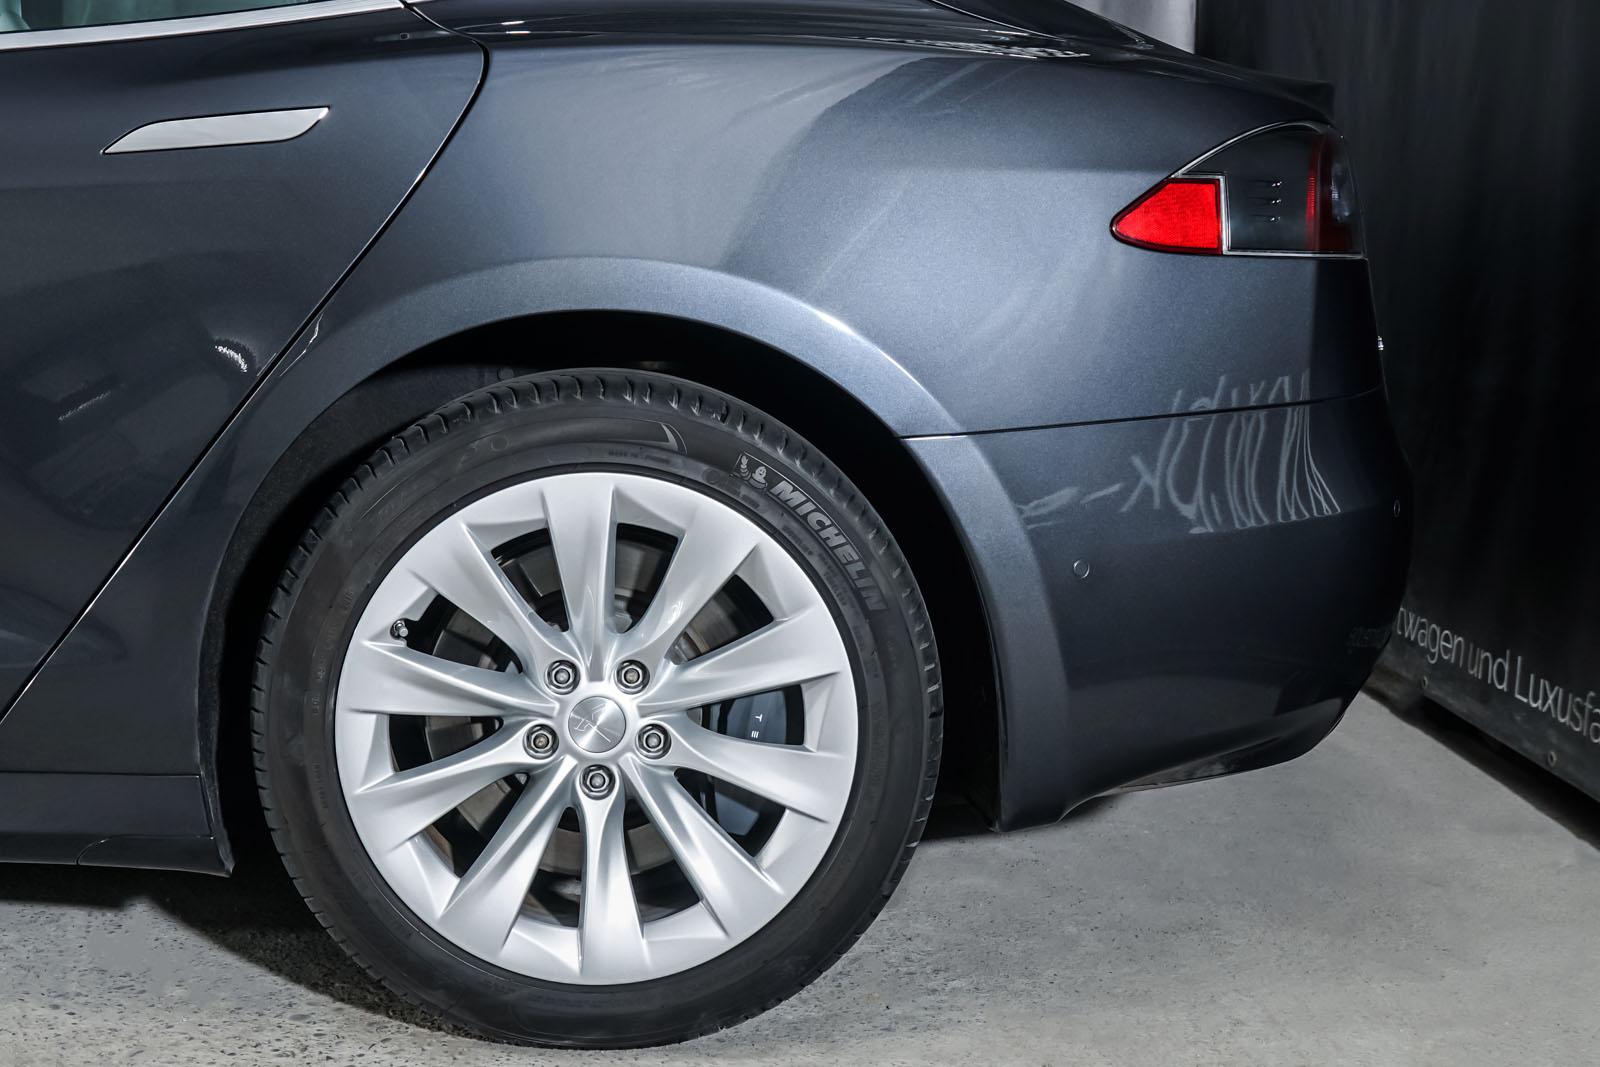 Tesla_Model_S_SilverShadow_Weiss_TES-2943_4_w